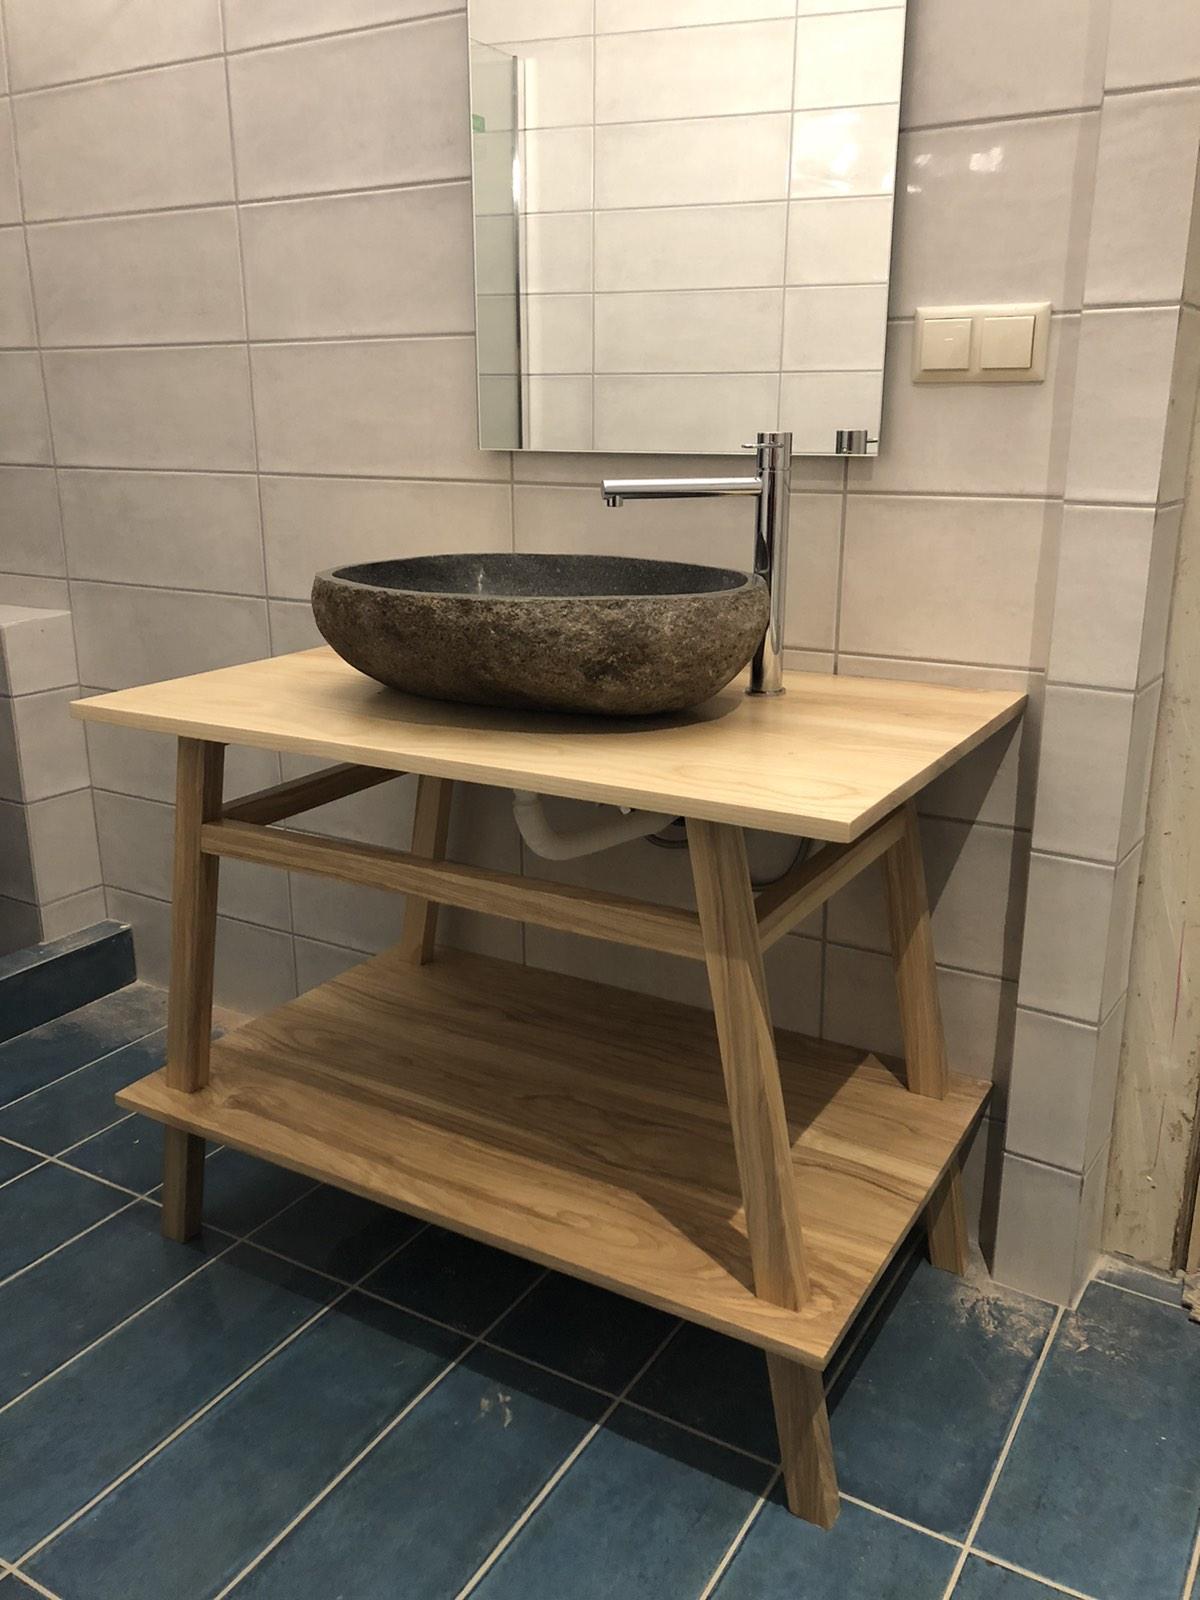 Τραπεζάκι μπάνιου από δεσποτάκι